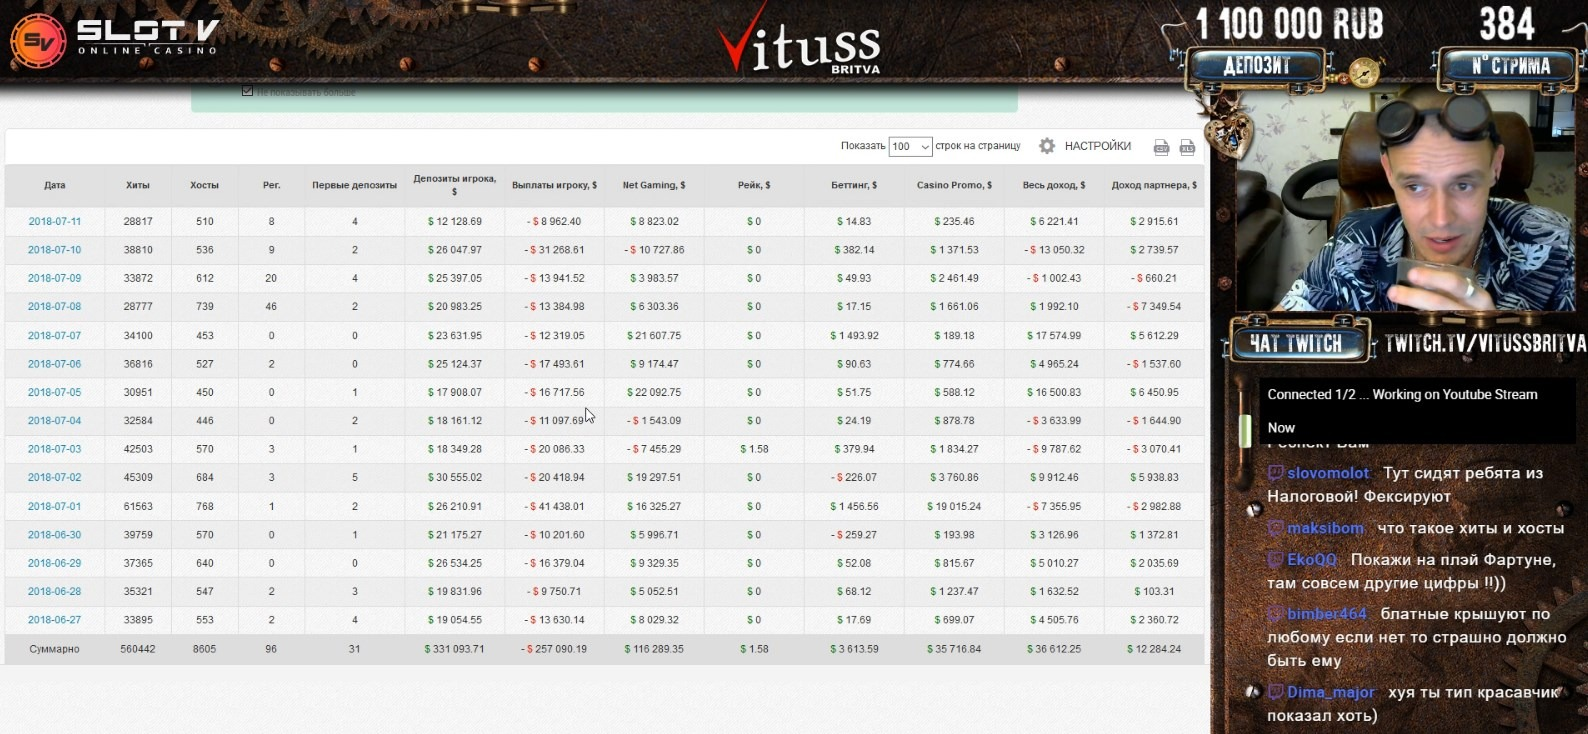 Сколько зарабатывает Витус - заработок стримера казино